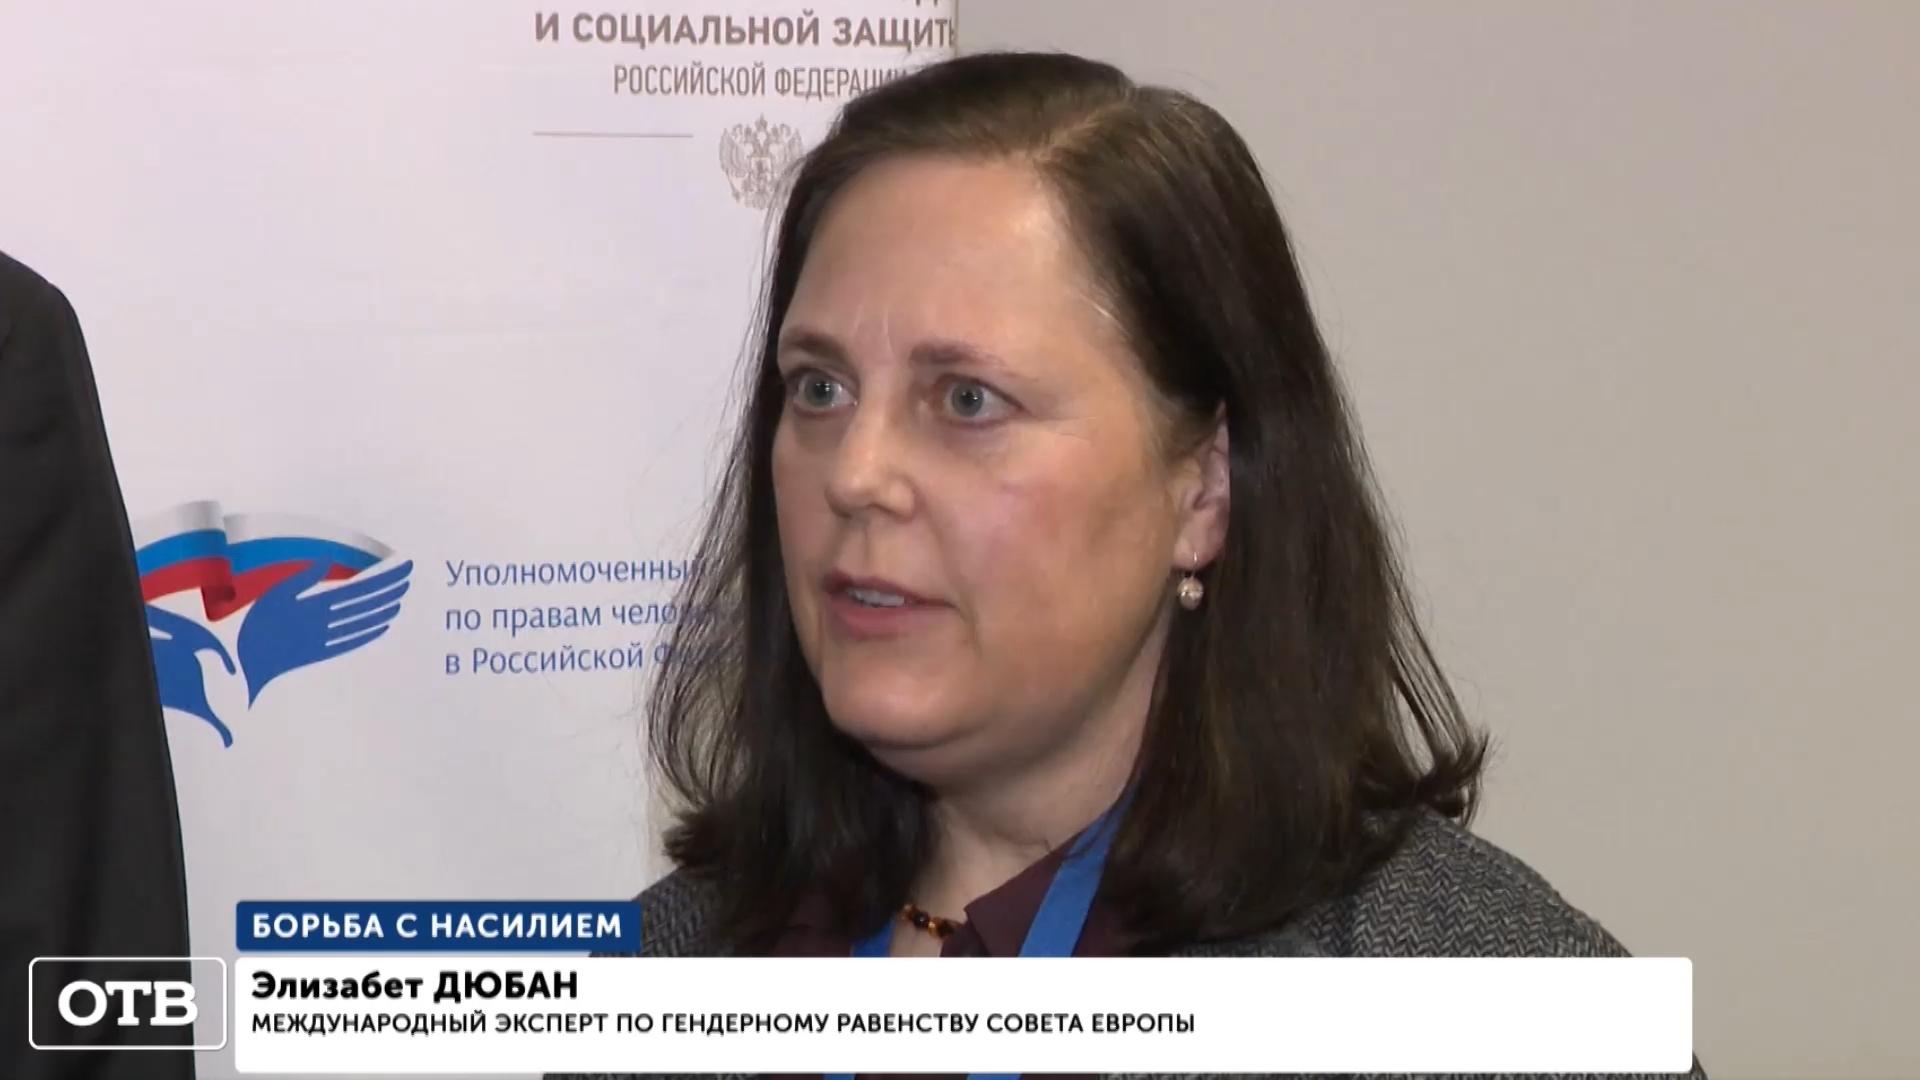 20200218_20-02-В Екатеринбурге стартовал двухдневный семинар по борьбе с домашним насилием-pic05